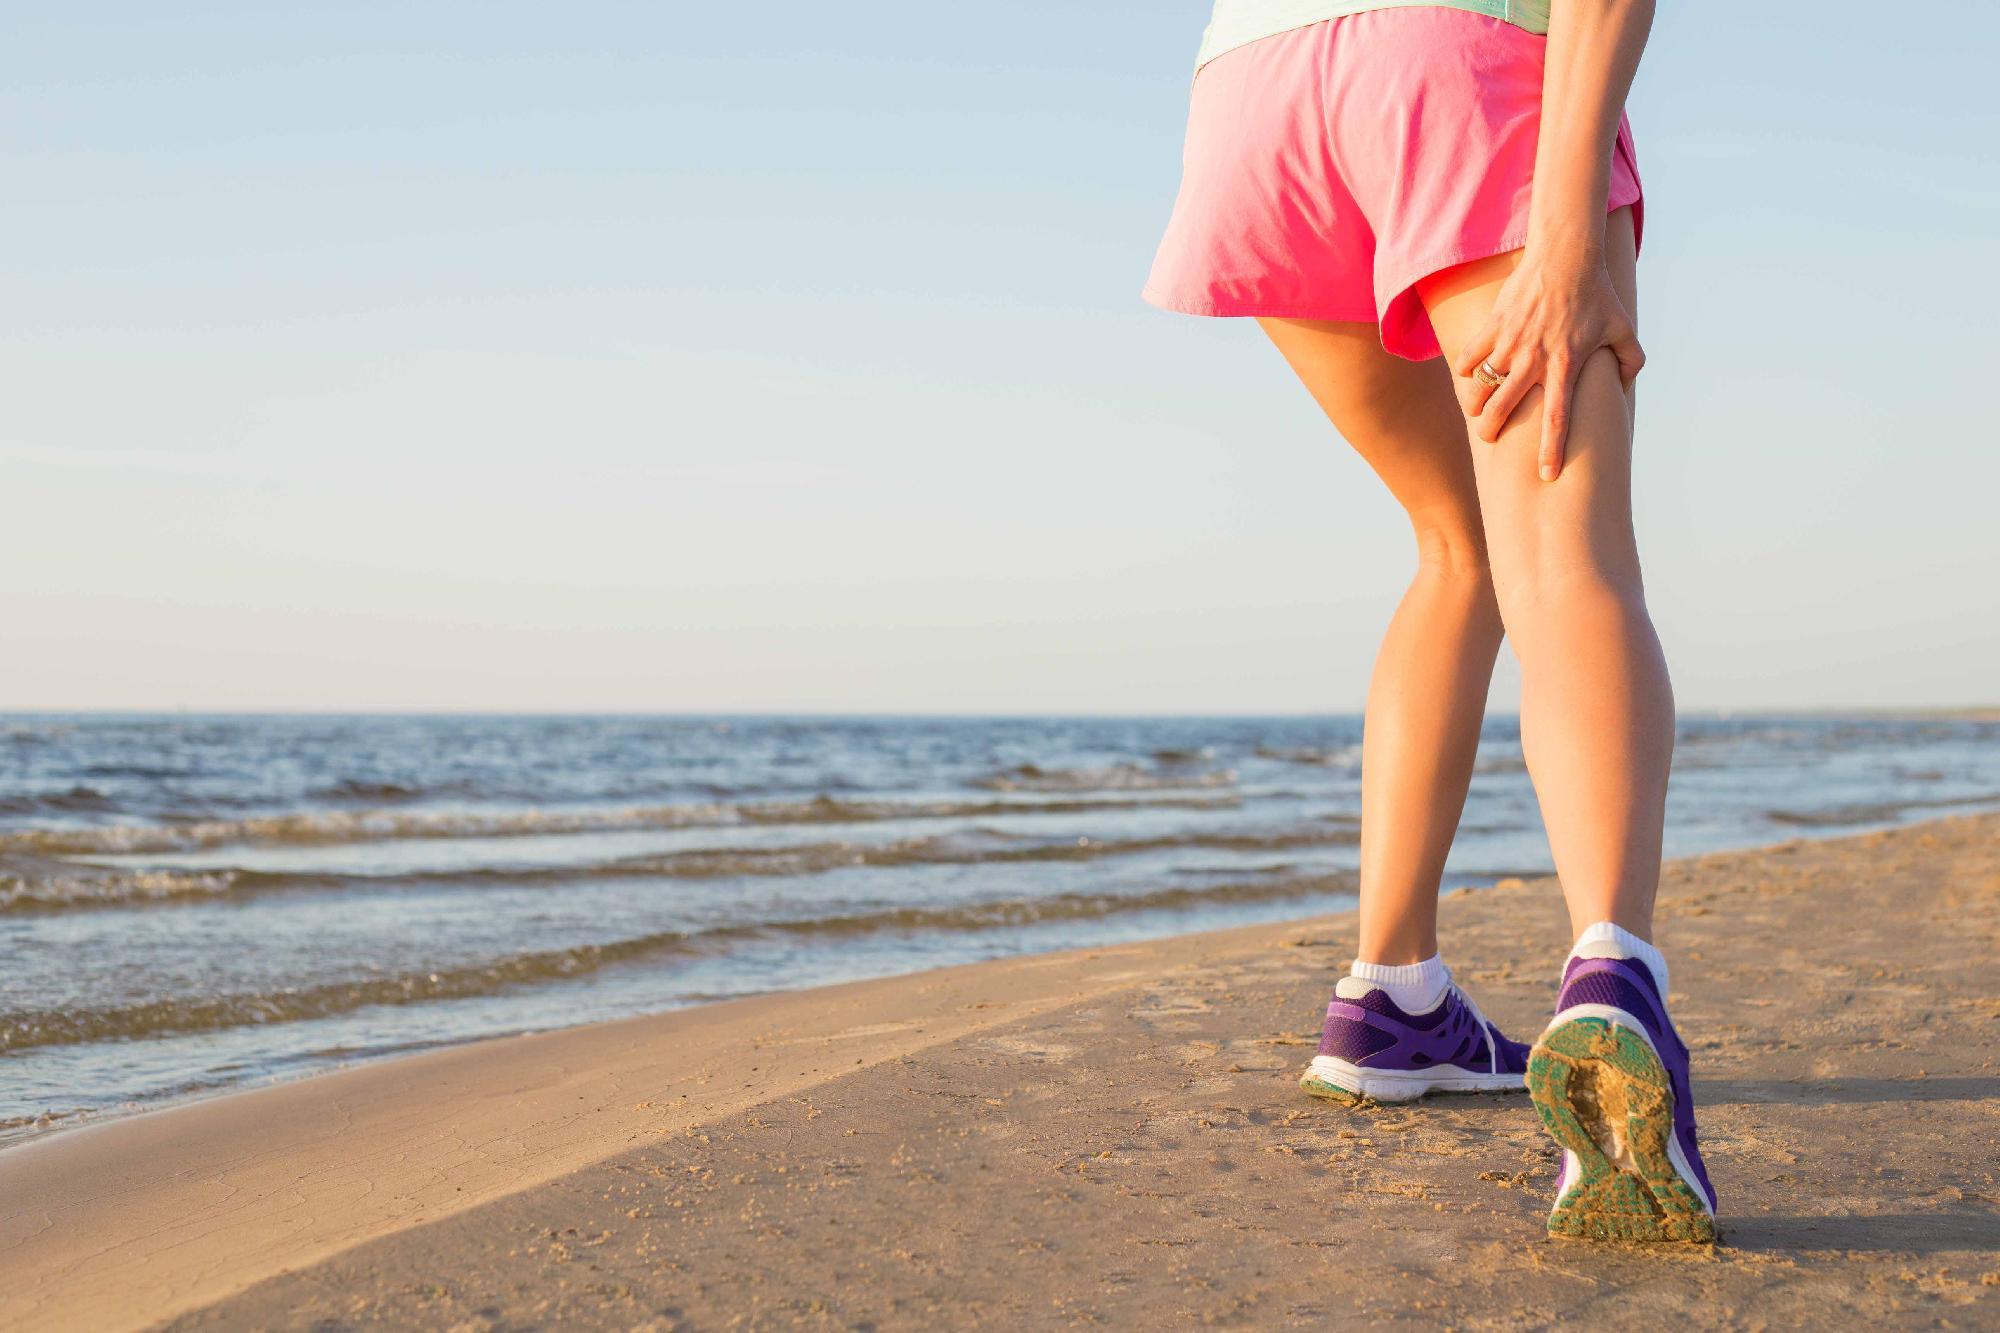 éles ízületi fájdalom futás közben metacarpalis ízületi betegség